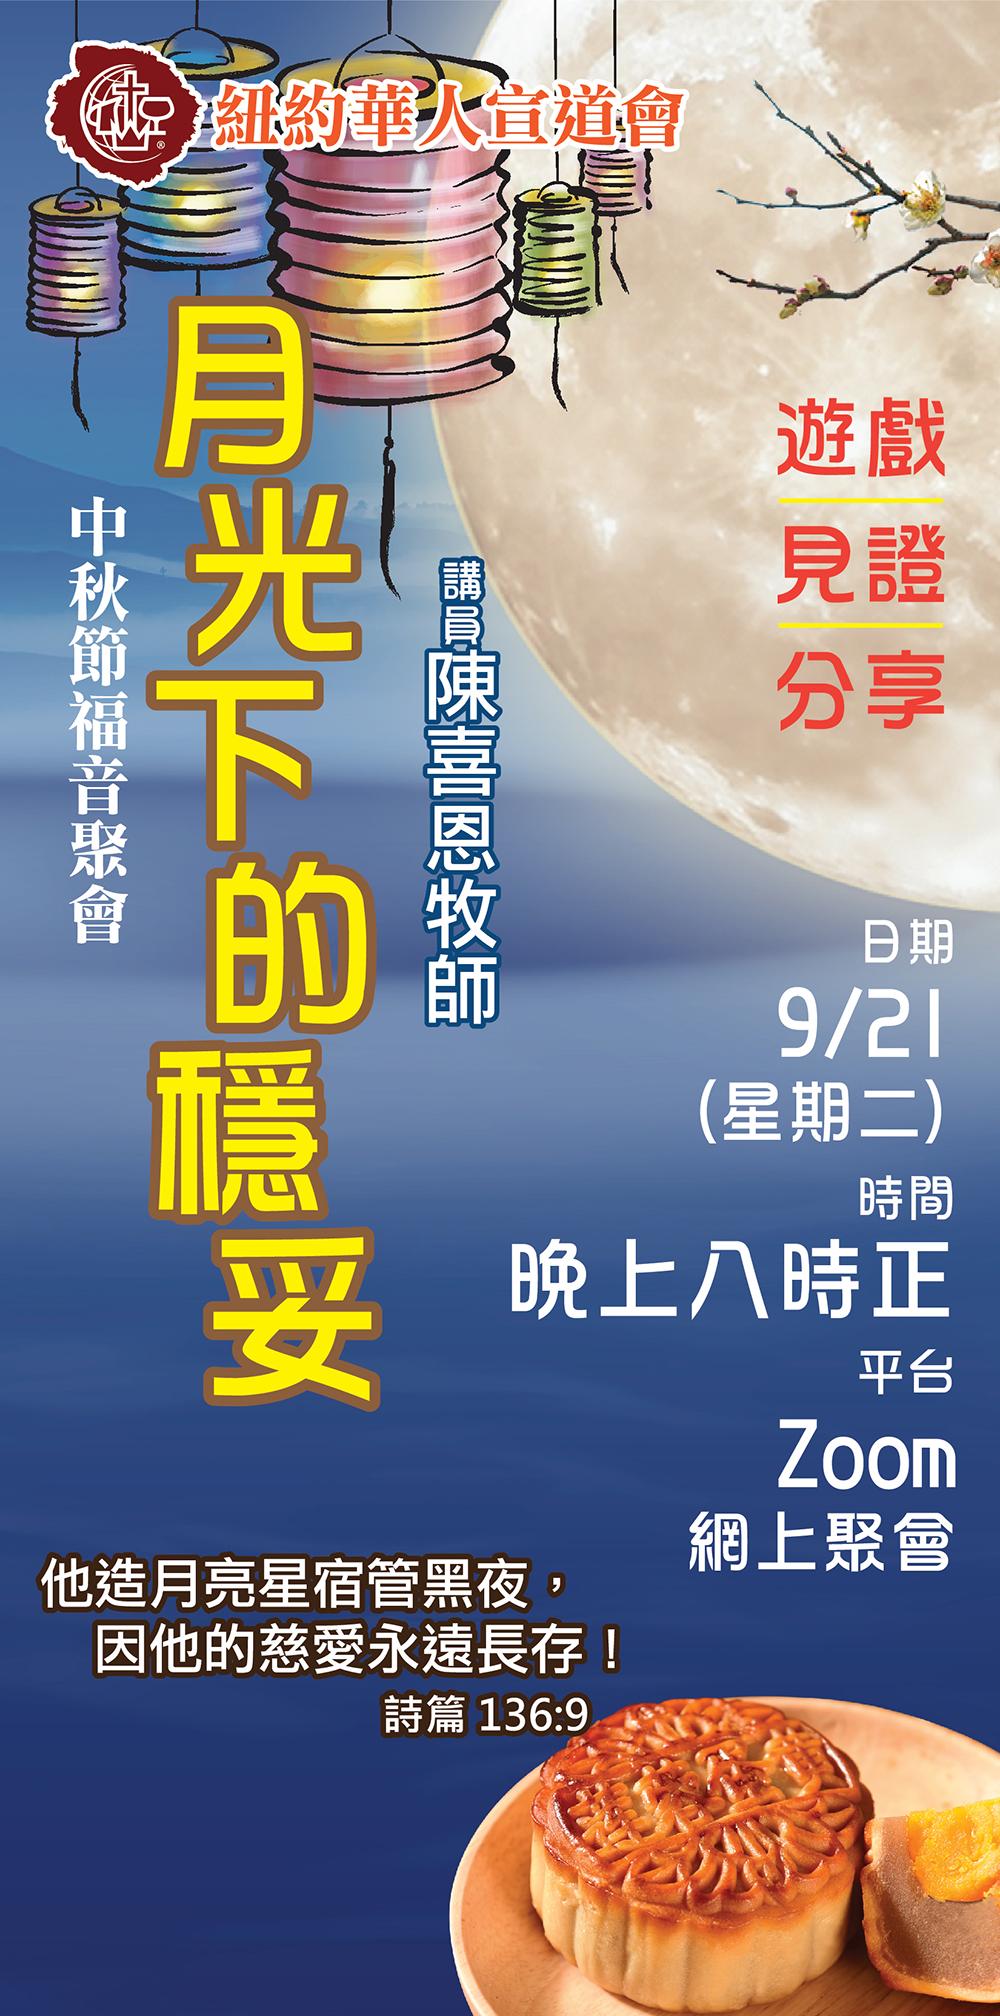 Mid-Autumn-2021-web